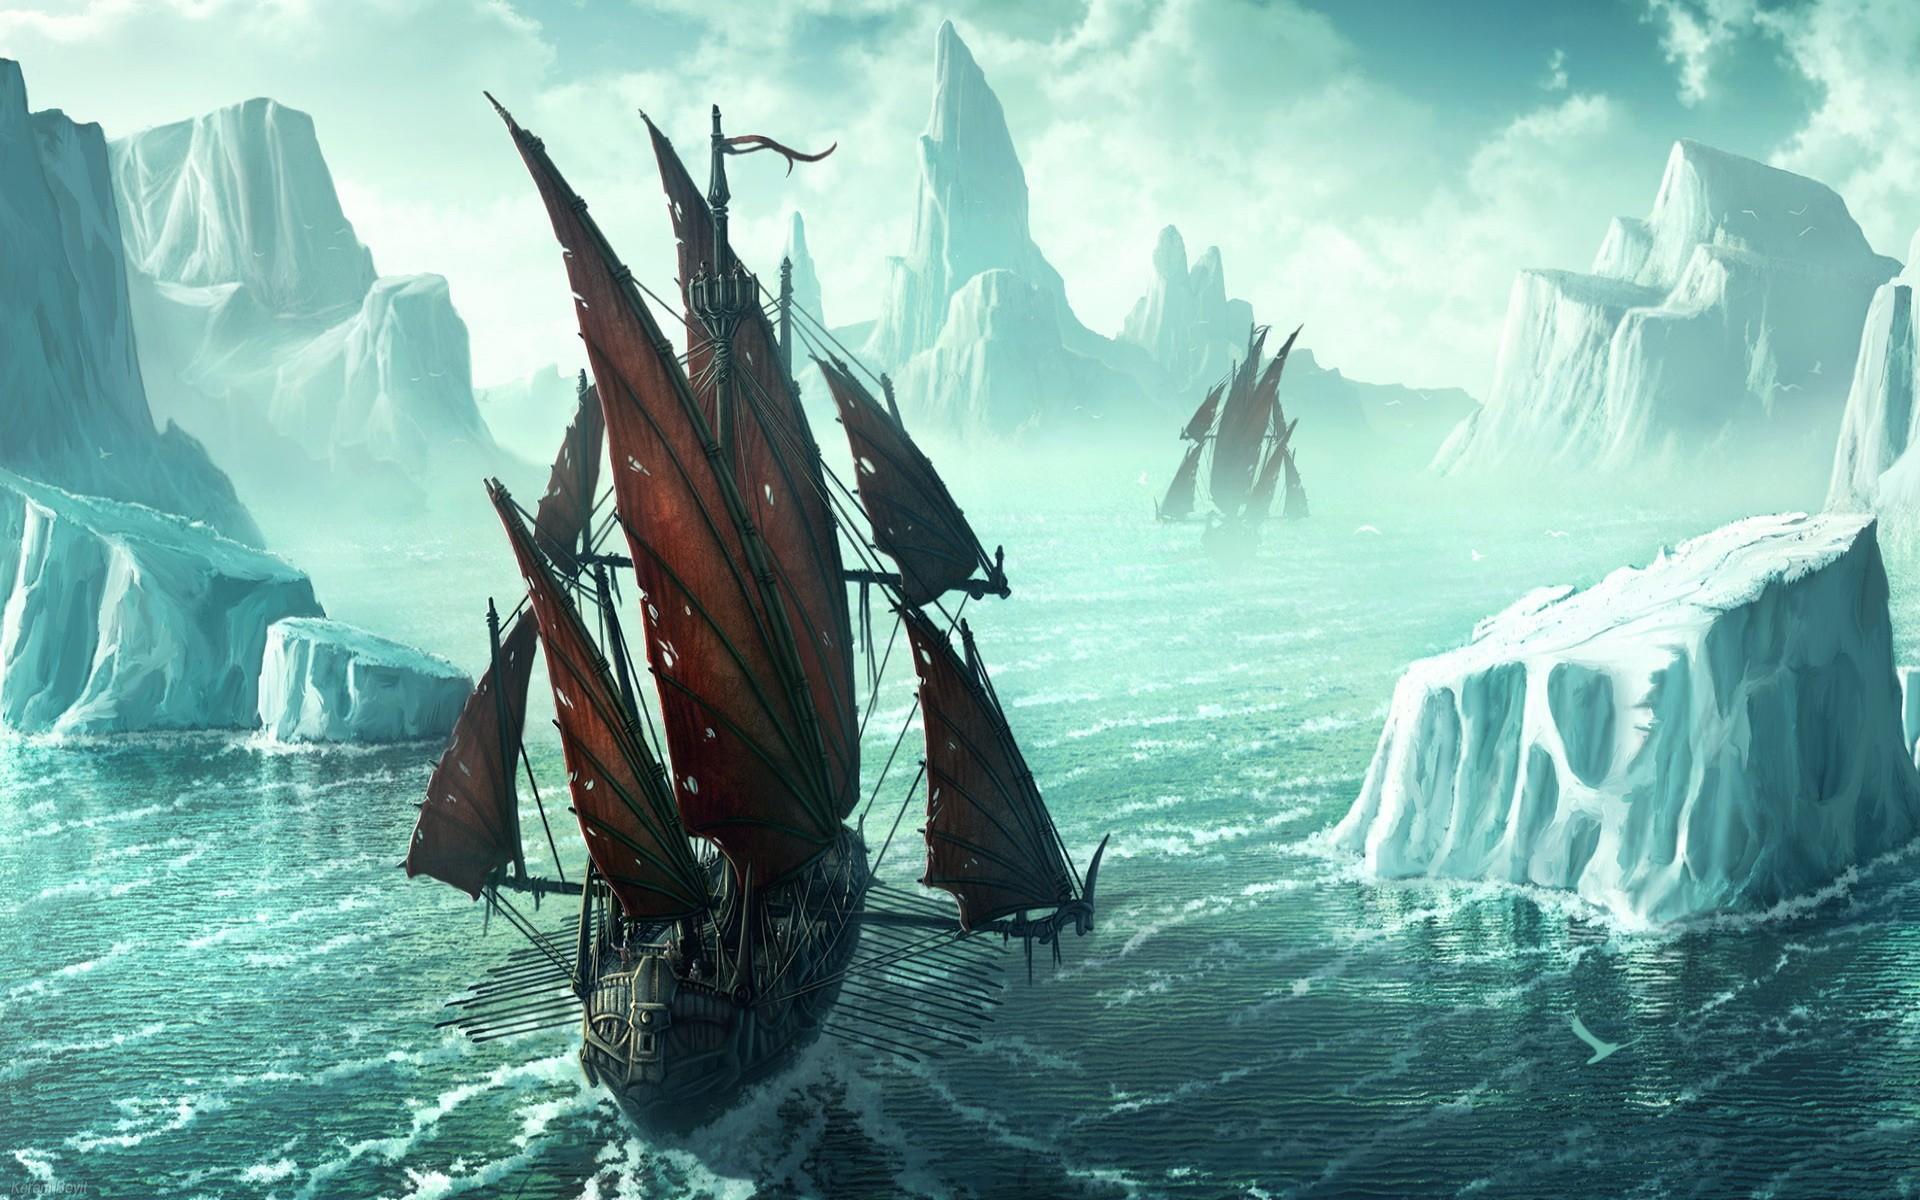 россия, фантастические картинки зимних кораблей попытался